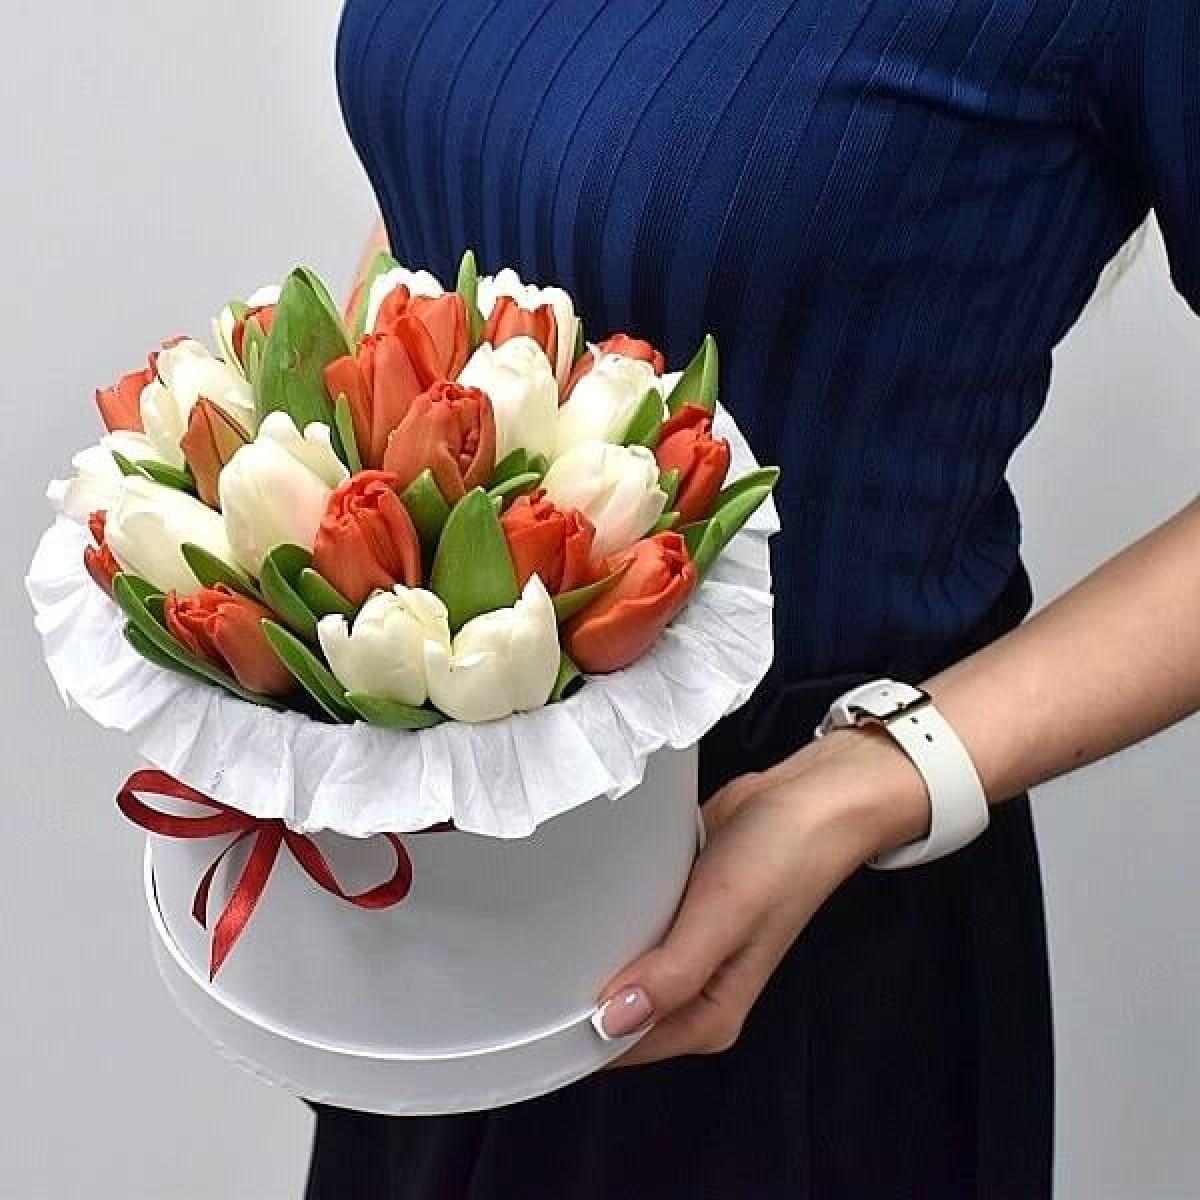 35 червени и бели лалета в луксозна кутия